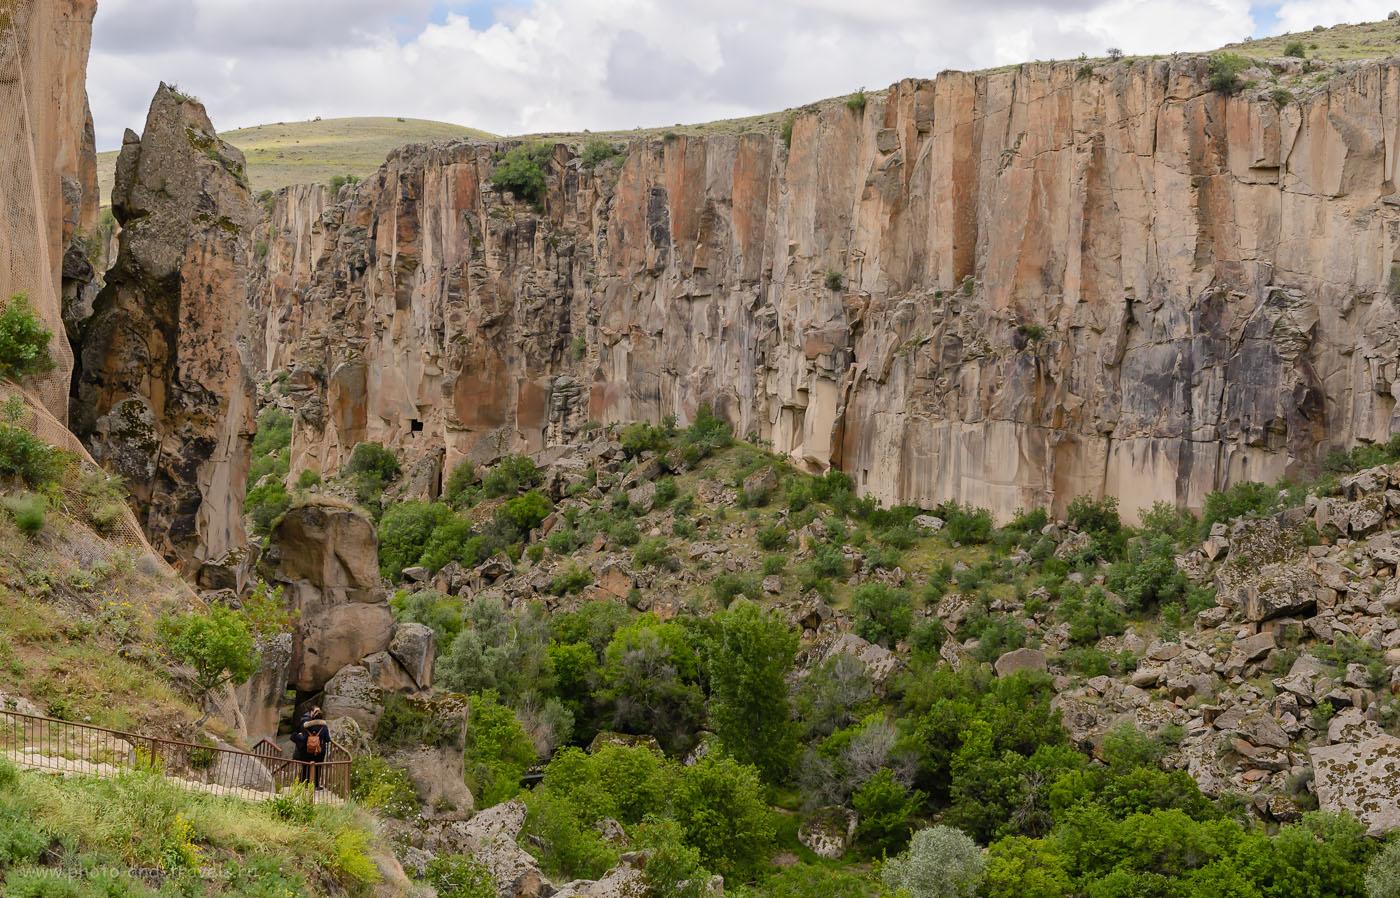 Фото 4. Долина Ihlara Valley в регионе Каппадокия. Отдых в Турции. Отзывы туристов из России о путешествии по стране на машине. 1/640, -2.0, 8.0, 400, 44.